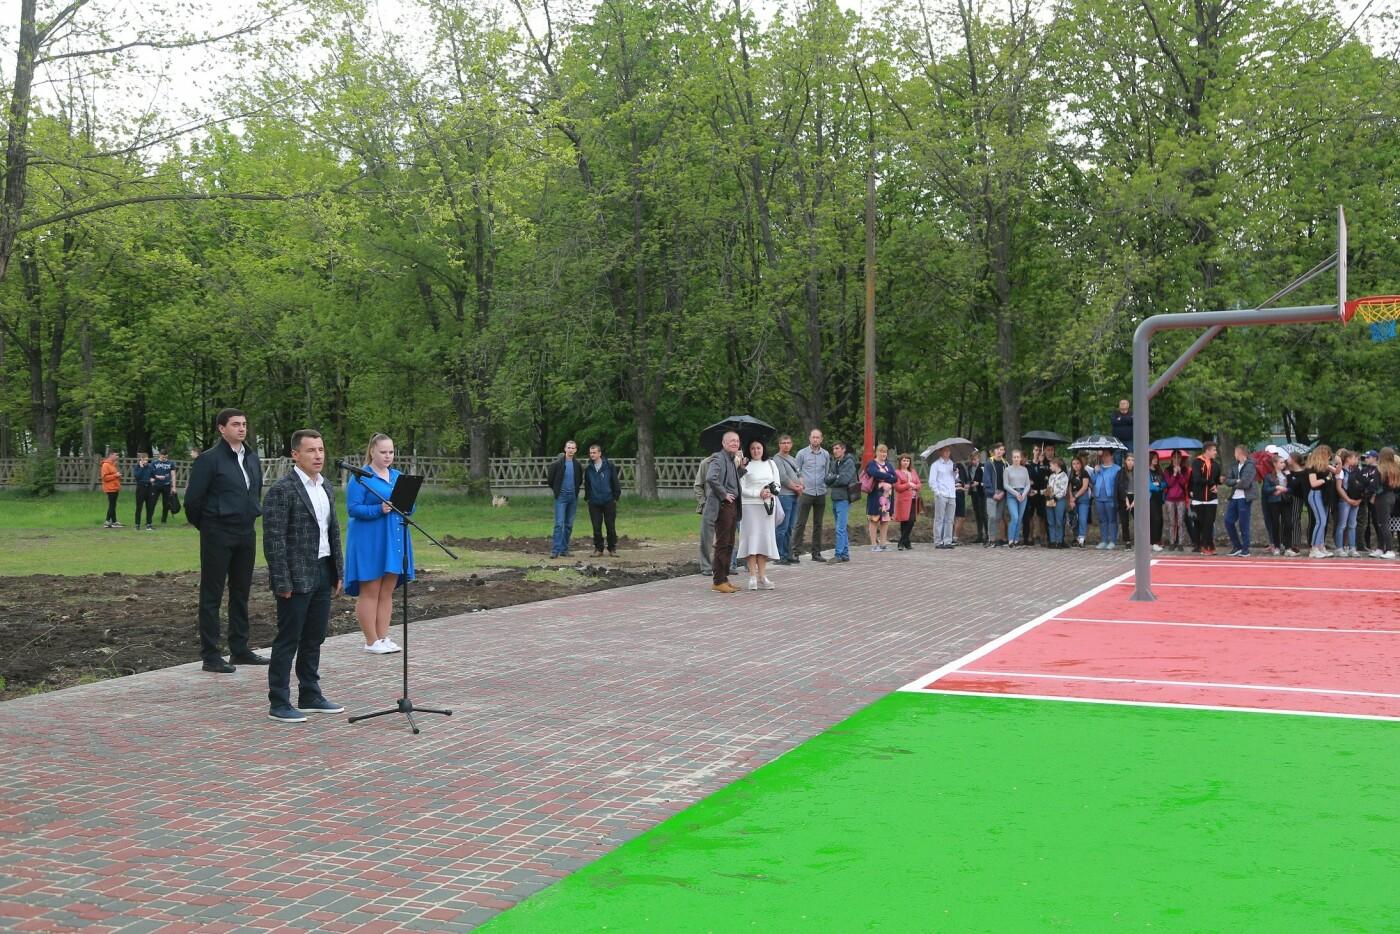 Доступный спорт для каждого: в Ингульце при поддержке Метинвеста установили мультифункциональную спортплощадку под открытым небом, фото-2